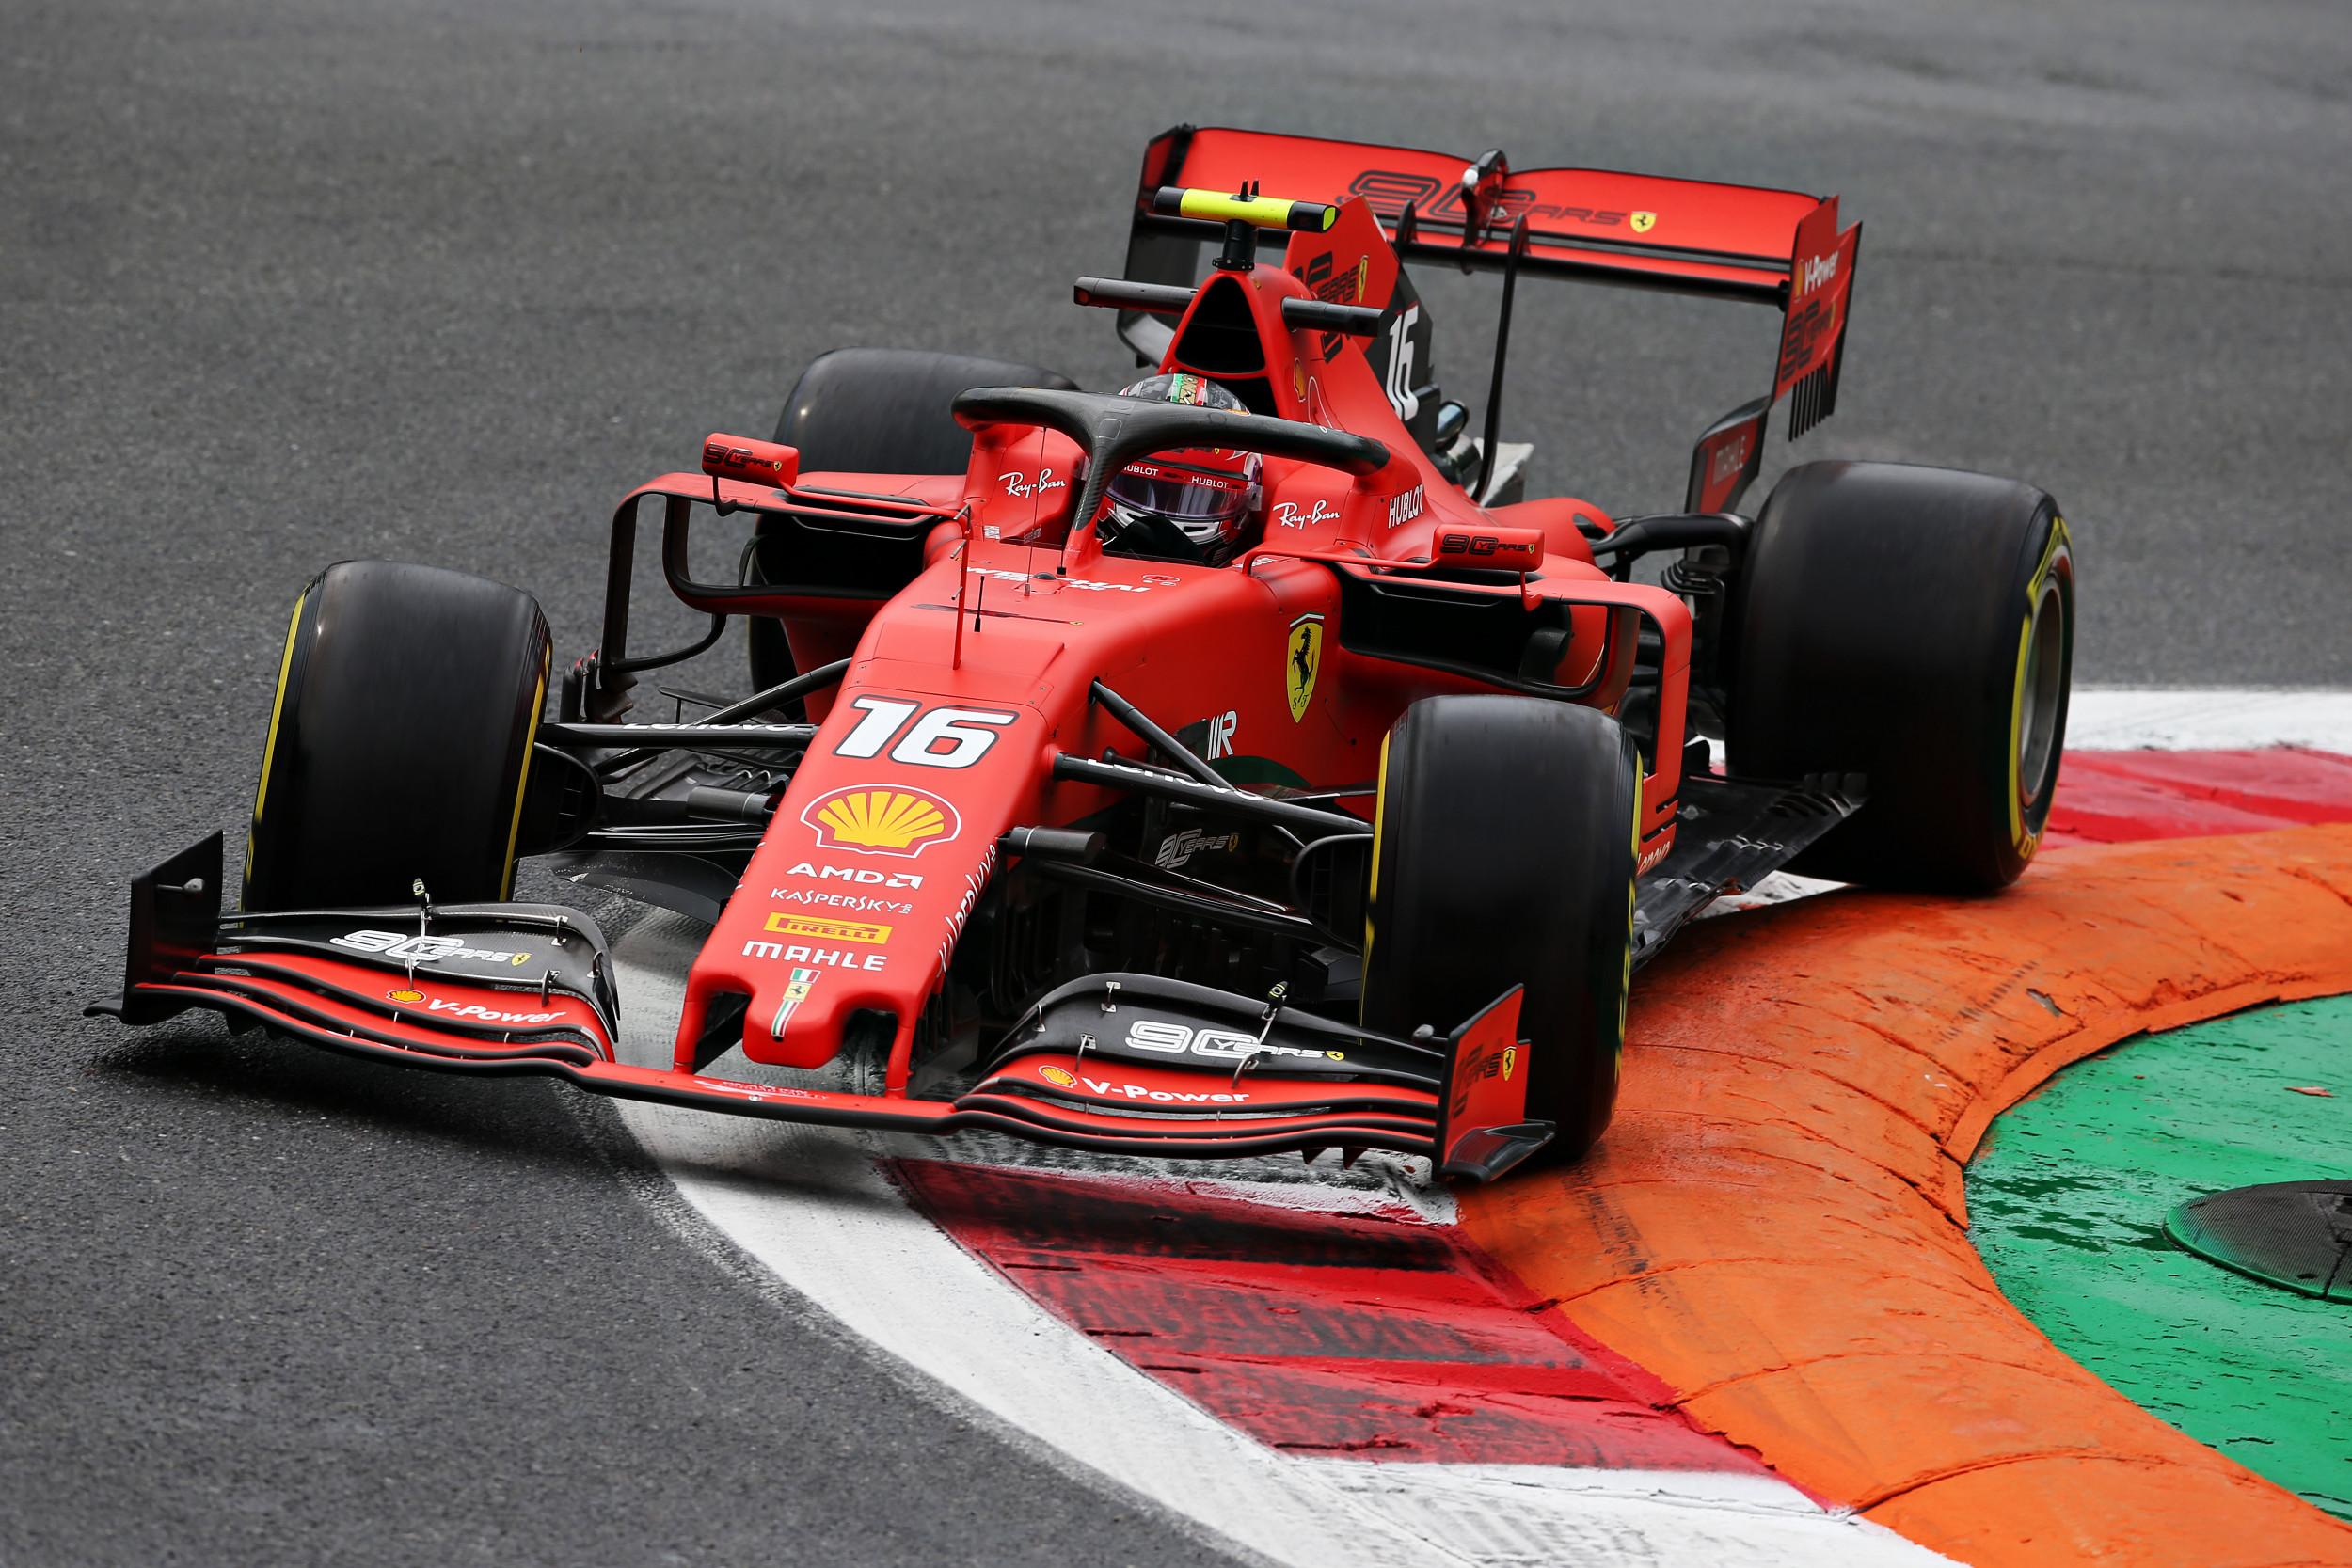 F1 TV Schedule 2019: Italian Grand Prix Start Time, TV